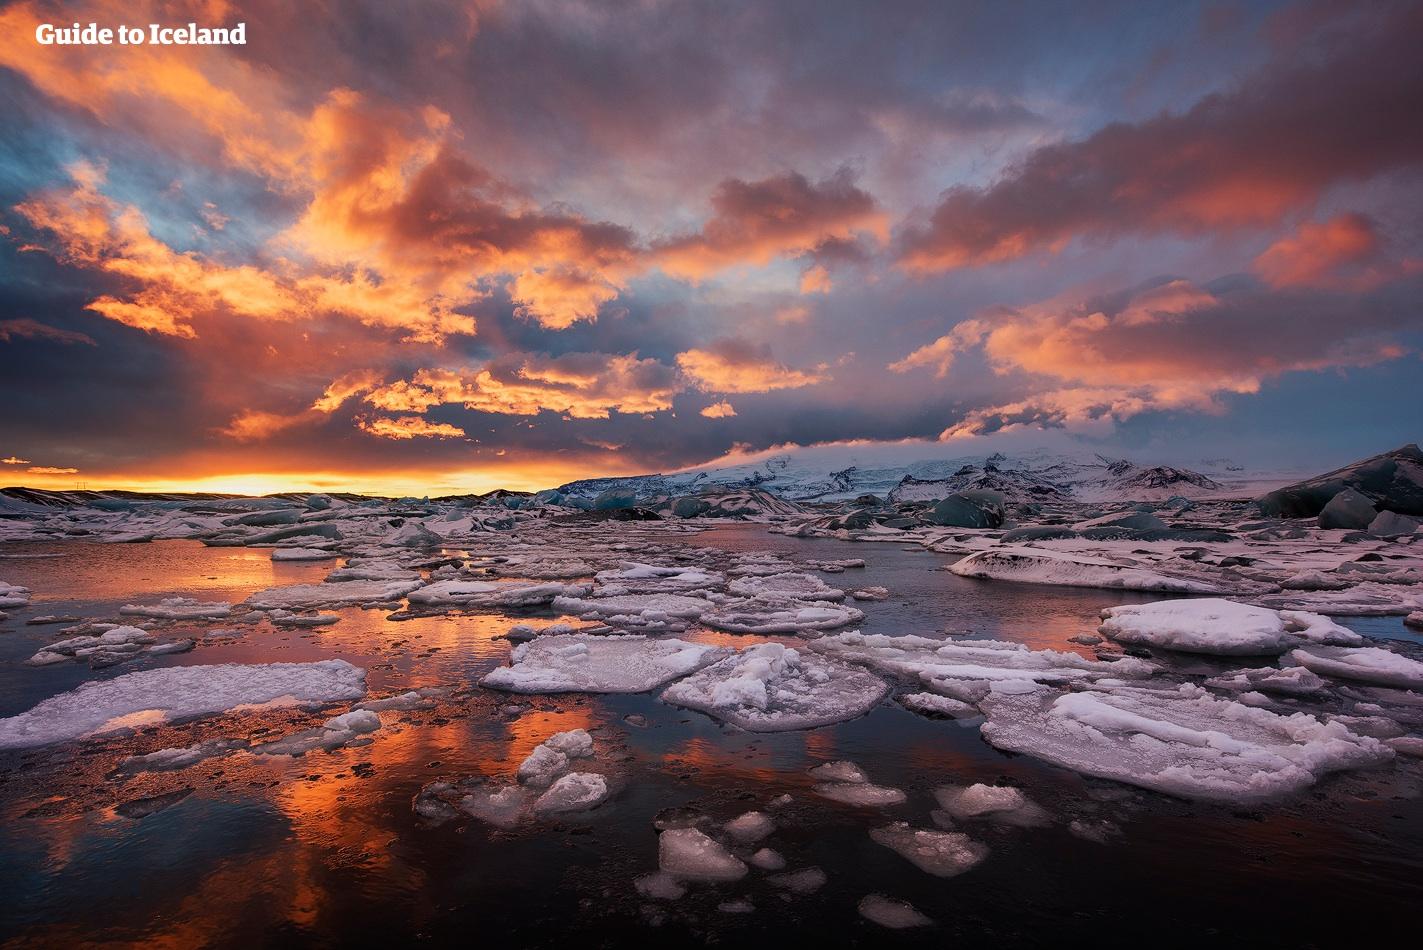 Midnattssolen ger oändliga möjligheter att utforska de många under som finns vid issjön Jökulsárlón på sydöstra Island.